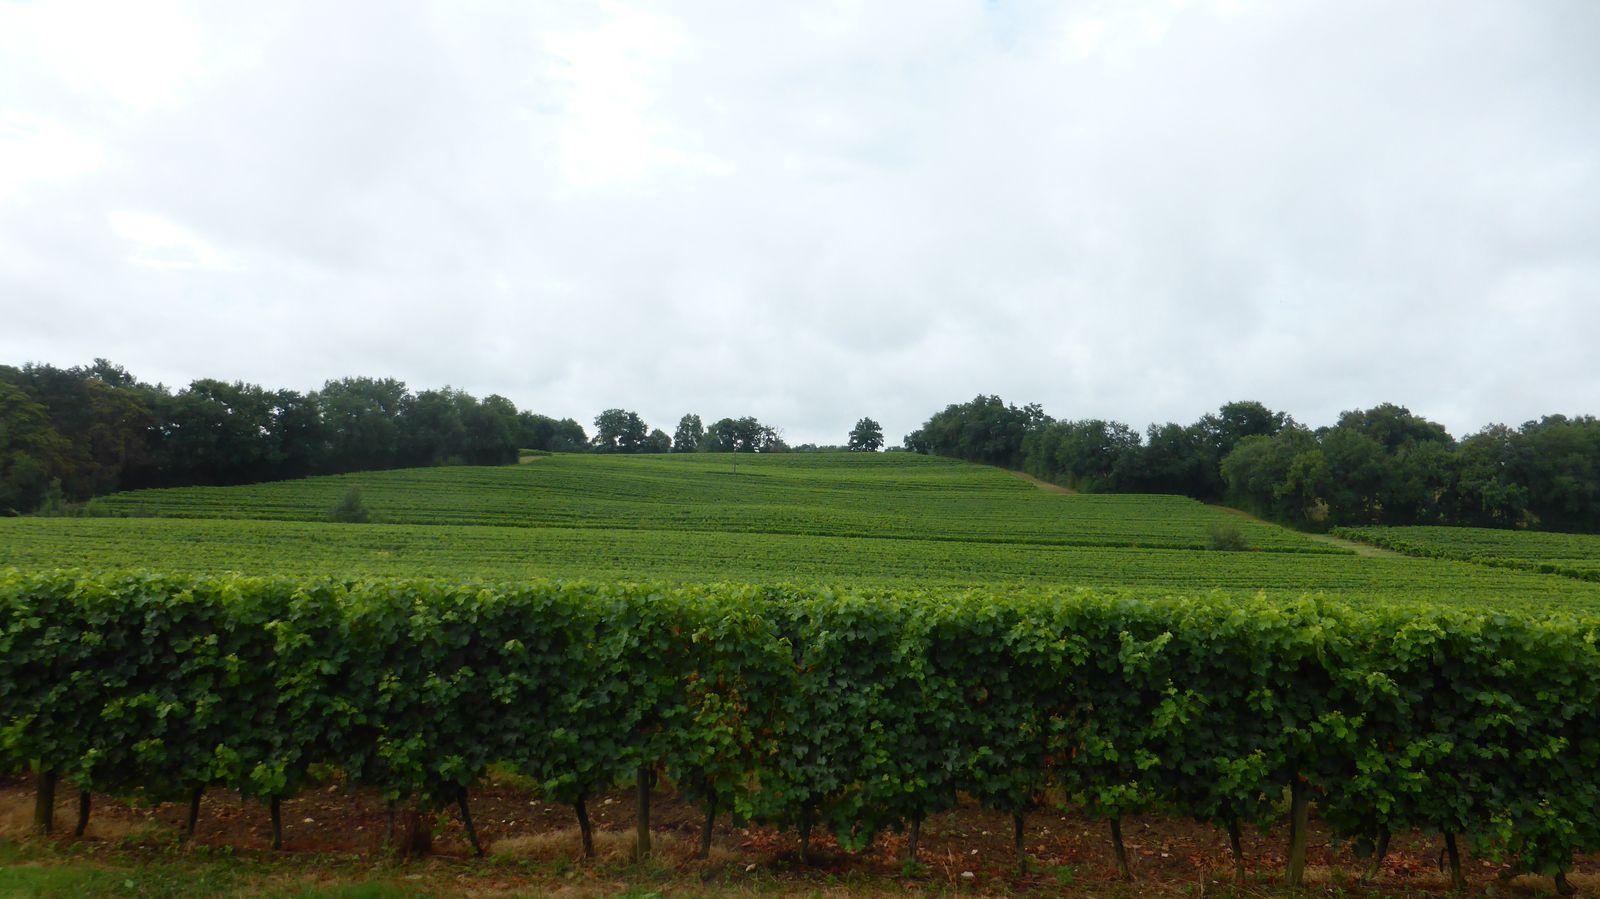 Nous parcourons plusieurs domaines de vignobles avec différents cépages : - En blanc : Colombard, Ugni-Blanc, Gros Manseng, Petit Manseng, Sauvignon, Chardonnay. - En rouge : Merlot, Cabernet Franc, Cabernet Sauvignon.